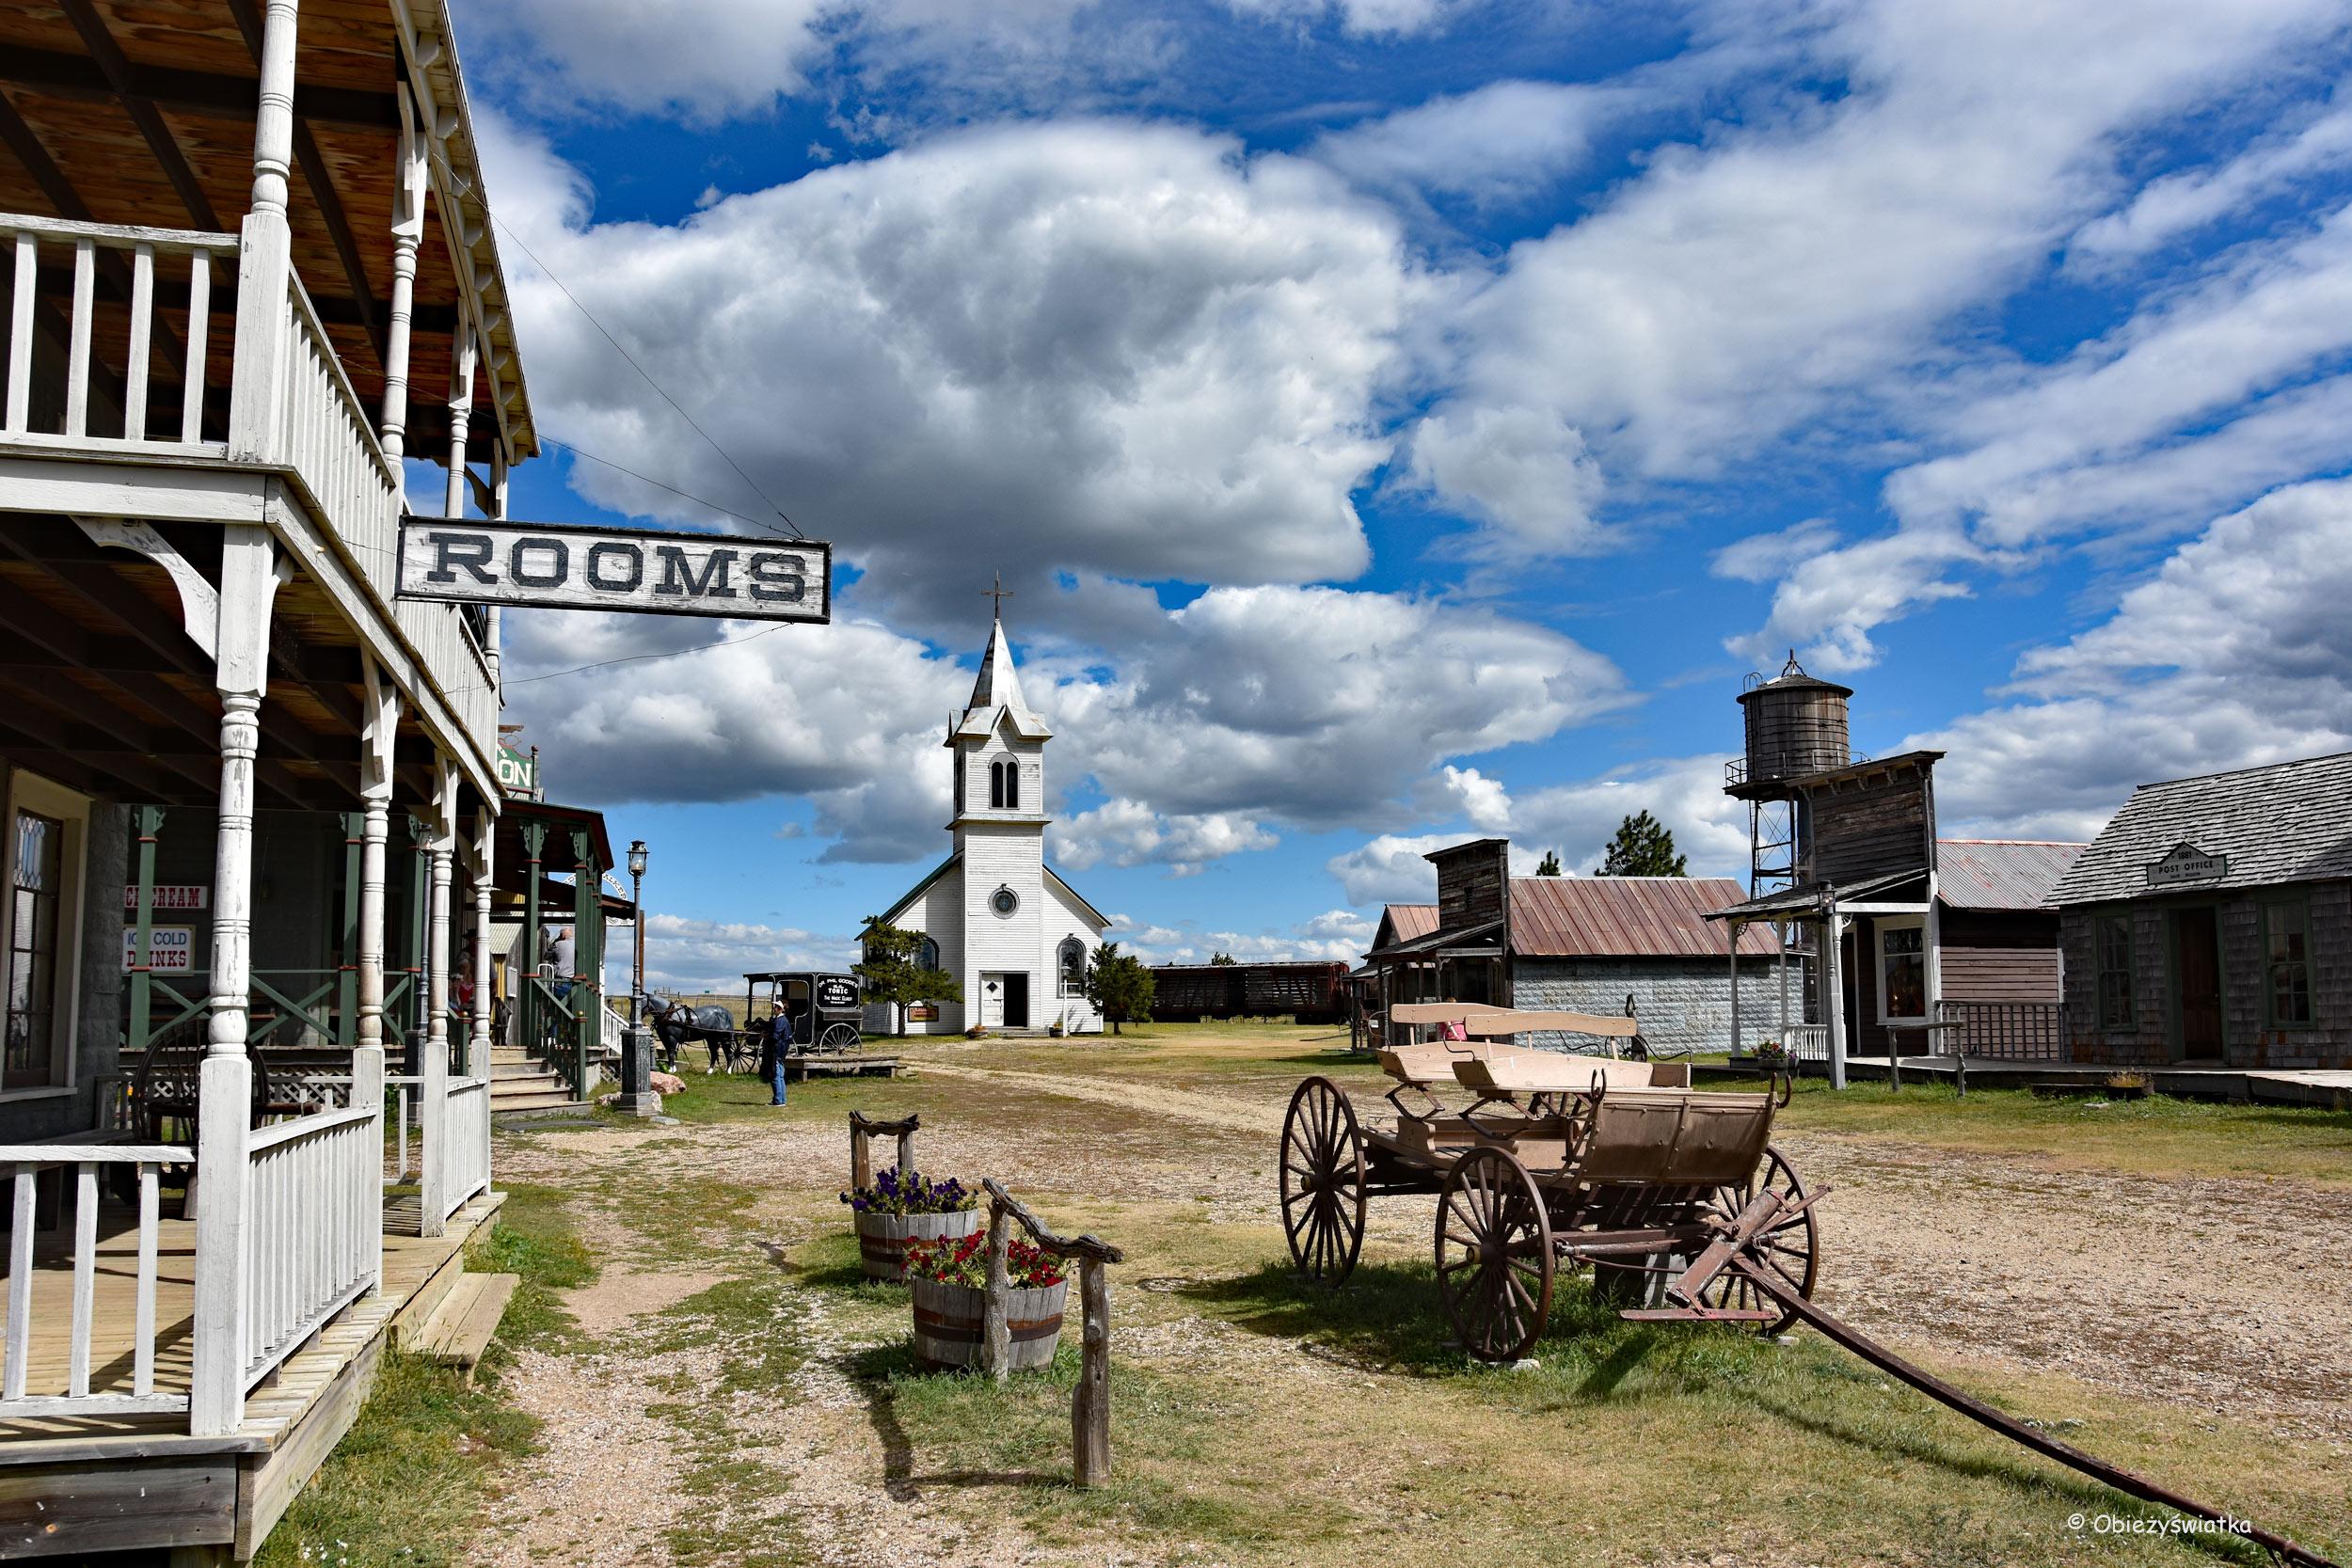 Na głównej ulicy miasteczka - 1880 Town